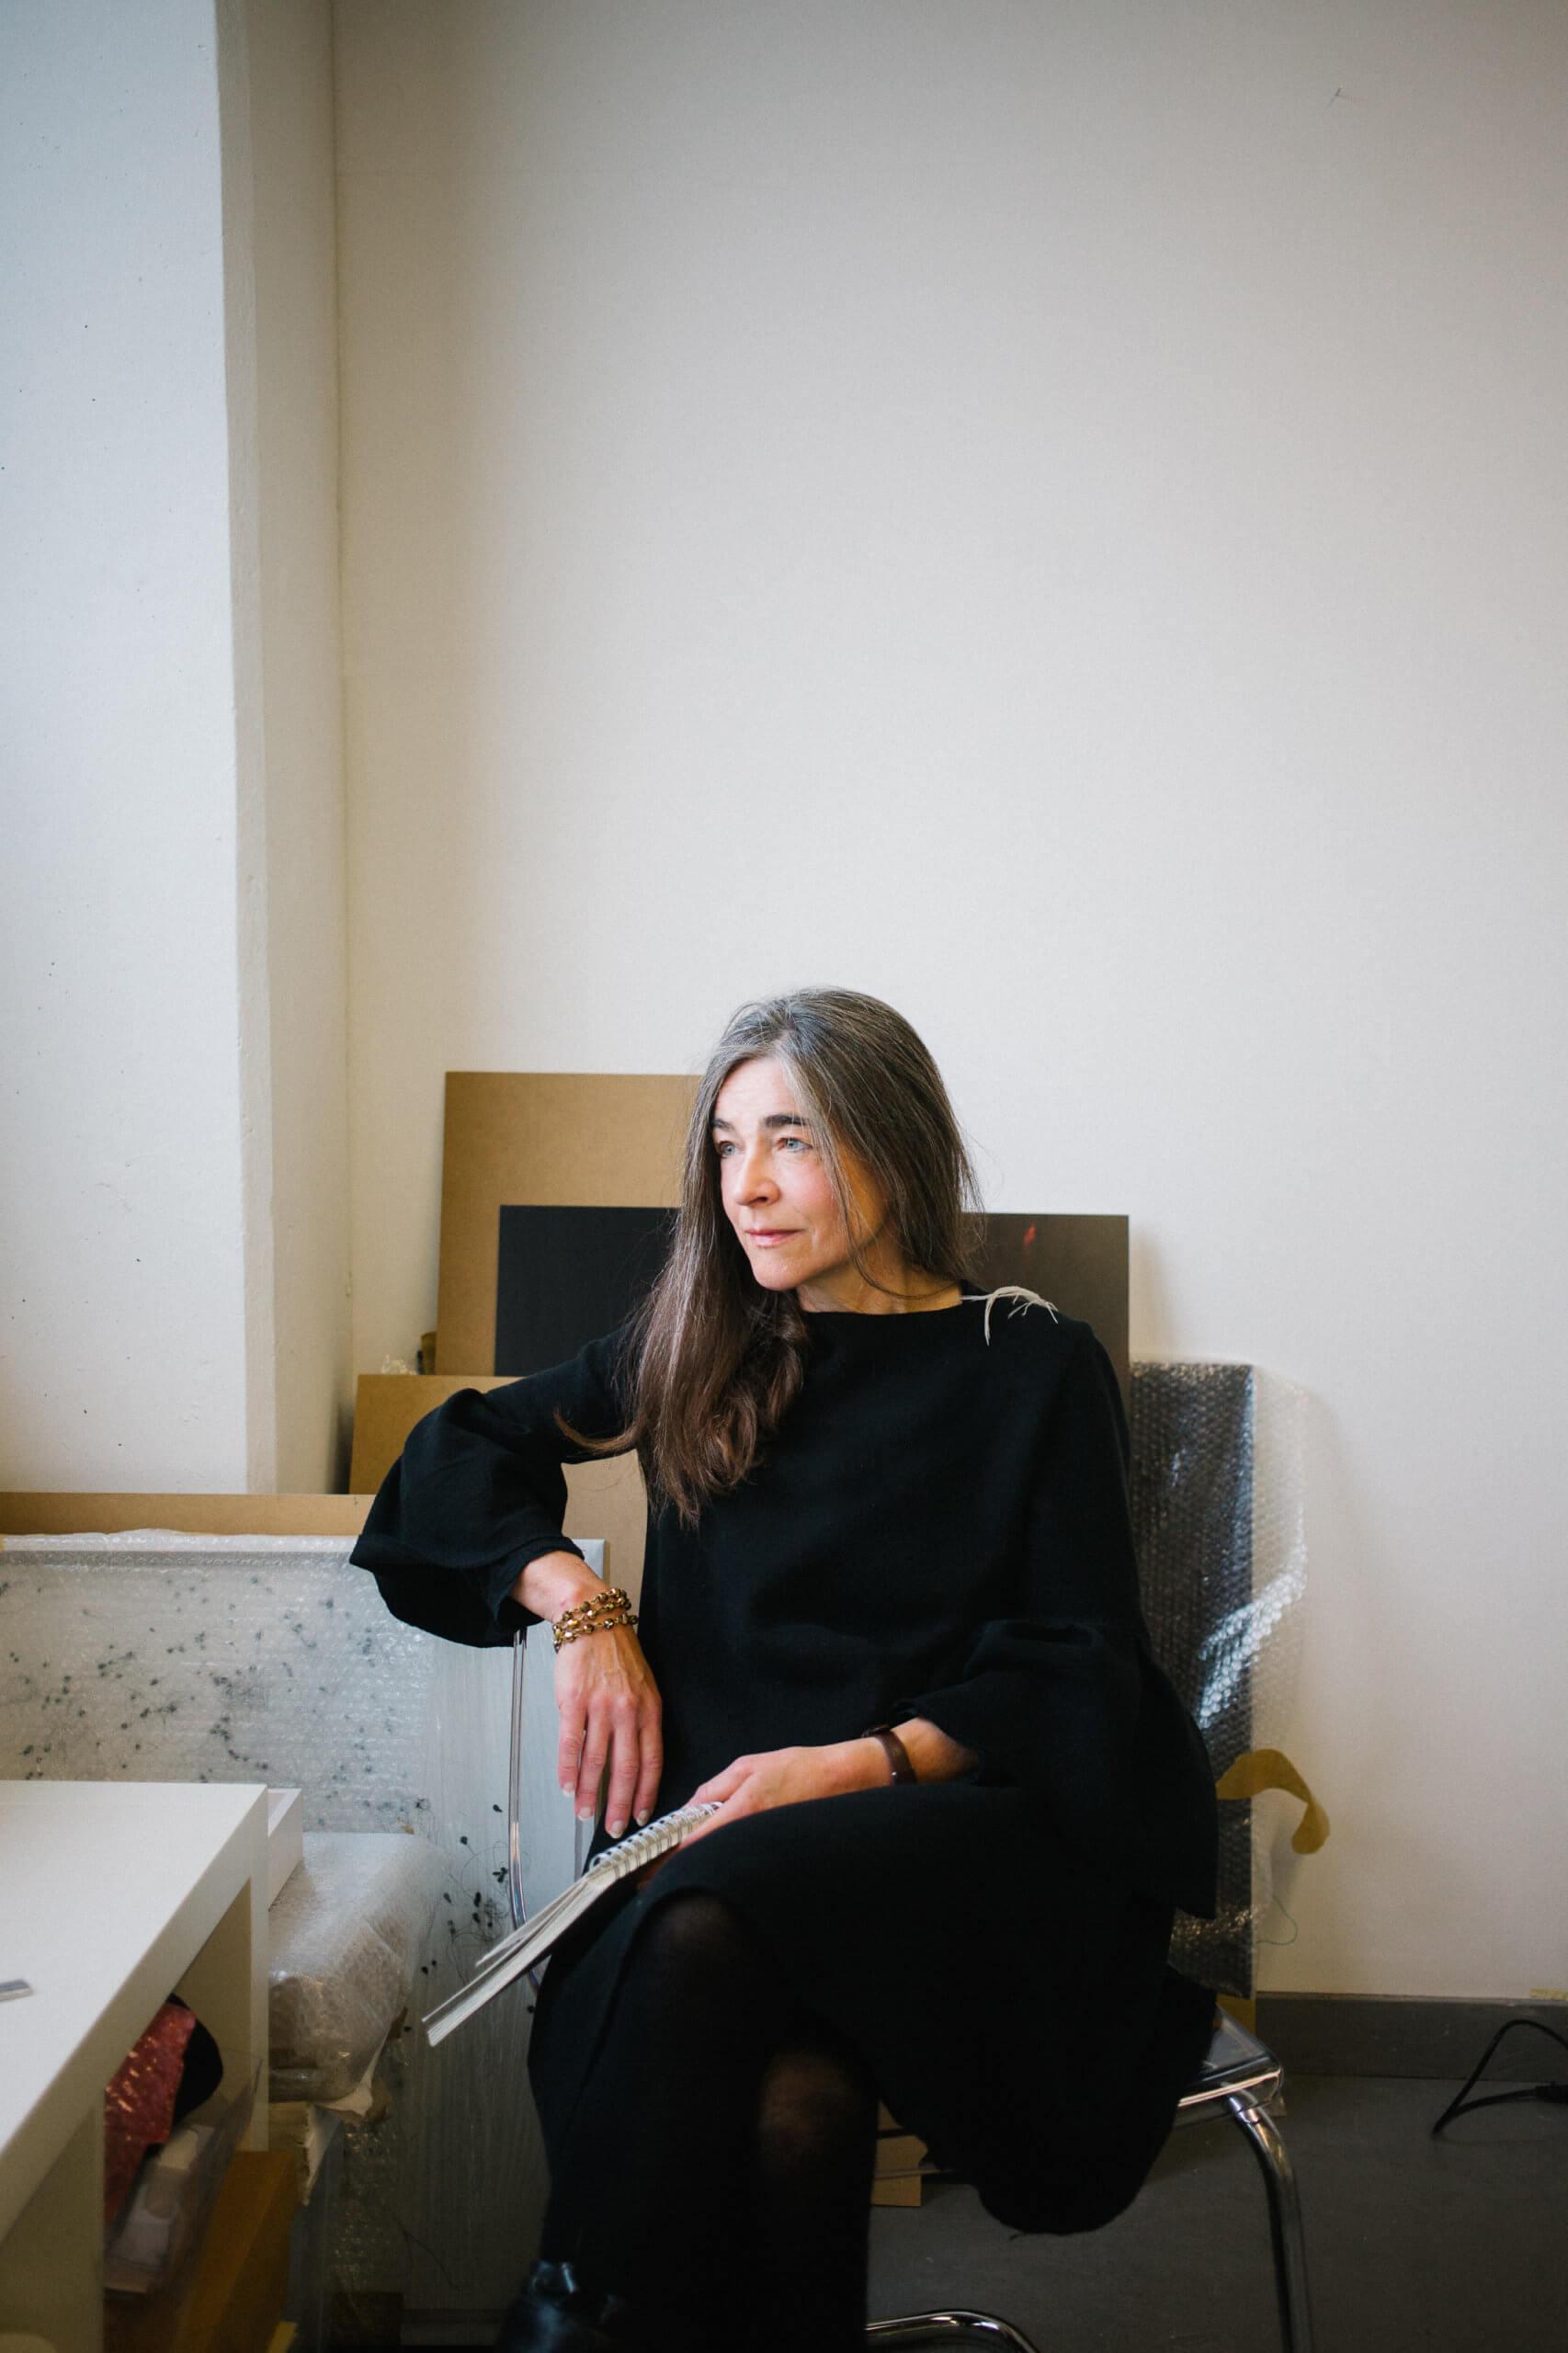 Die Künstlerin Patricia Lincke sitzt in ihrem Atelier und schaut aus dem Fesnter